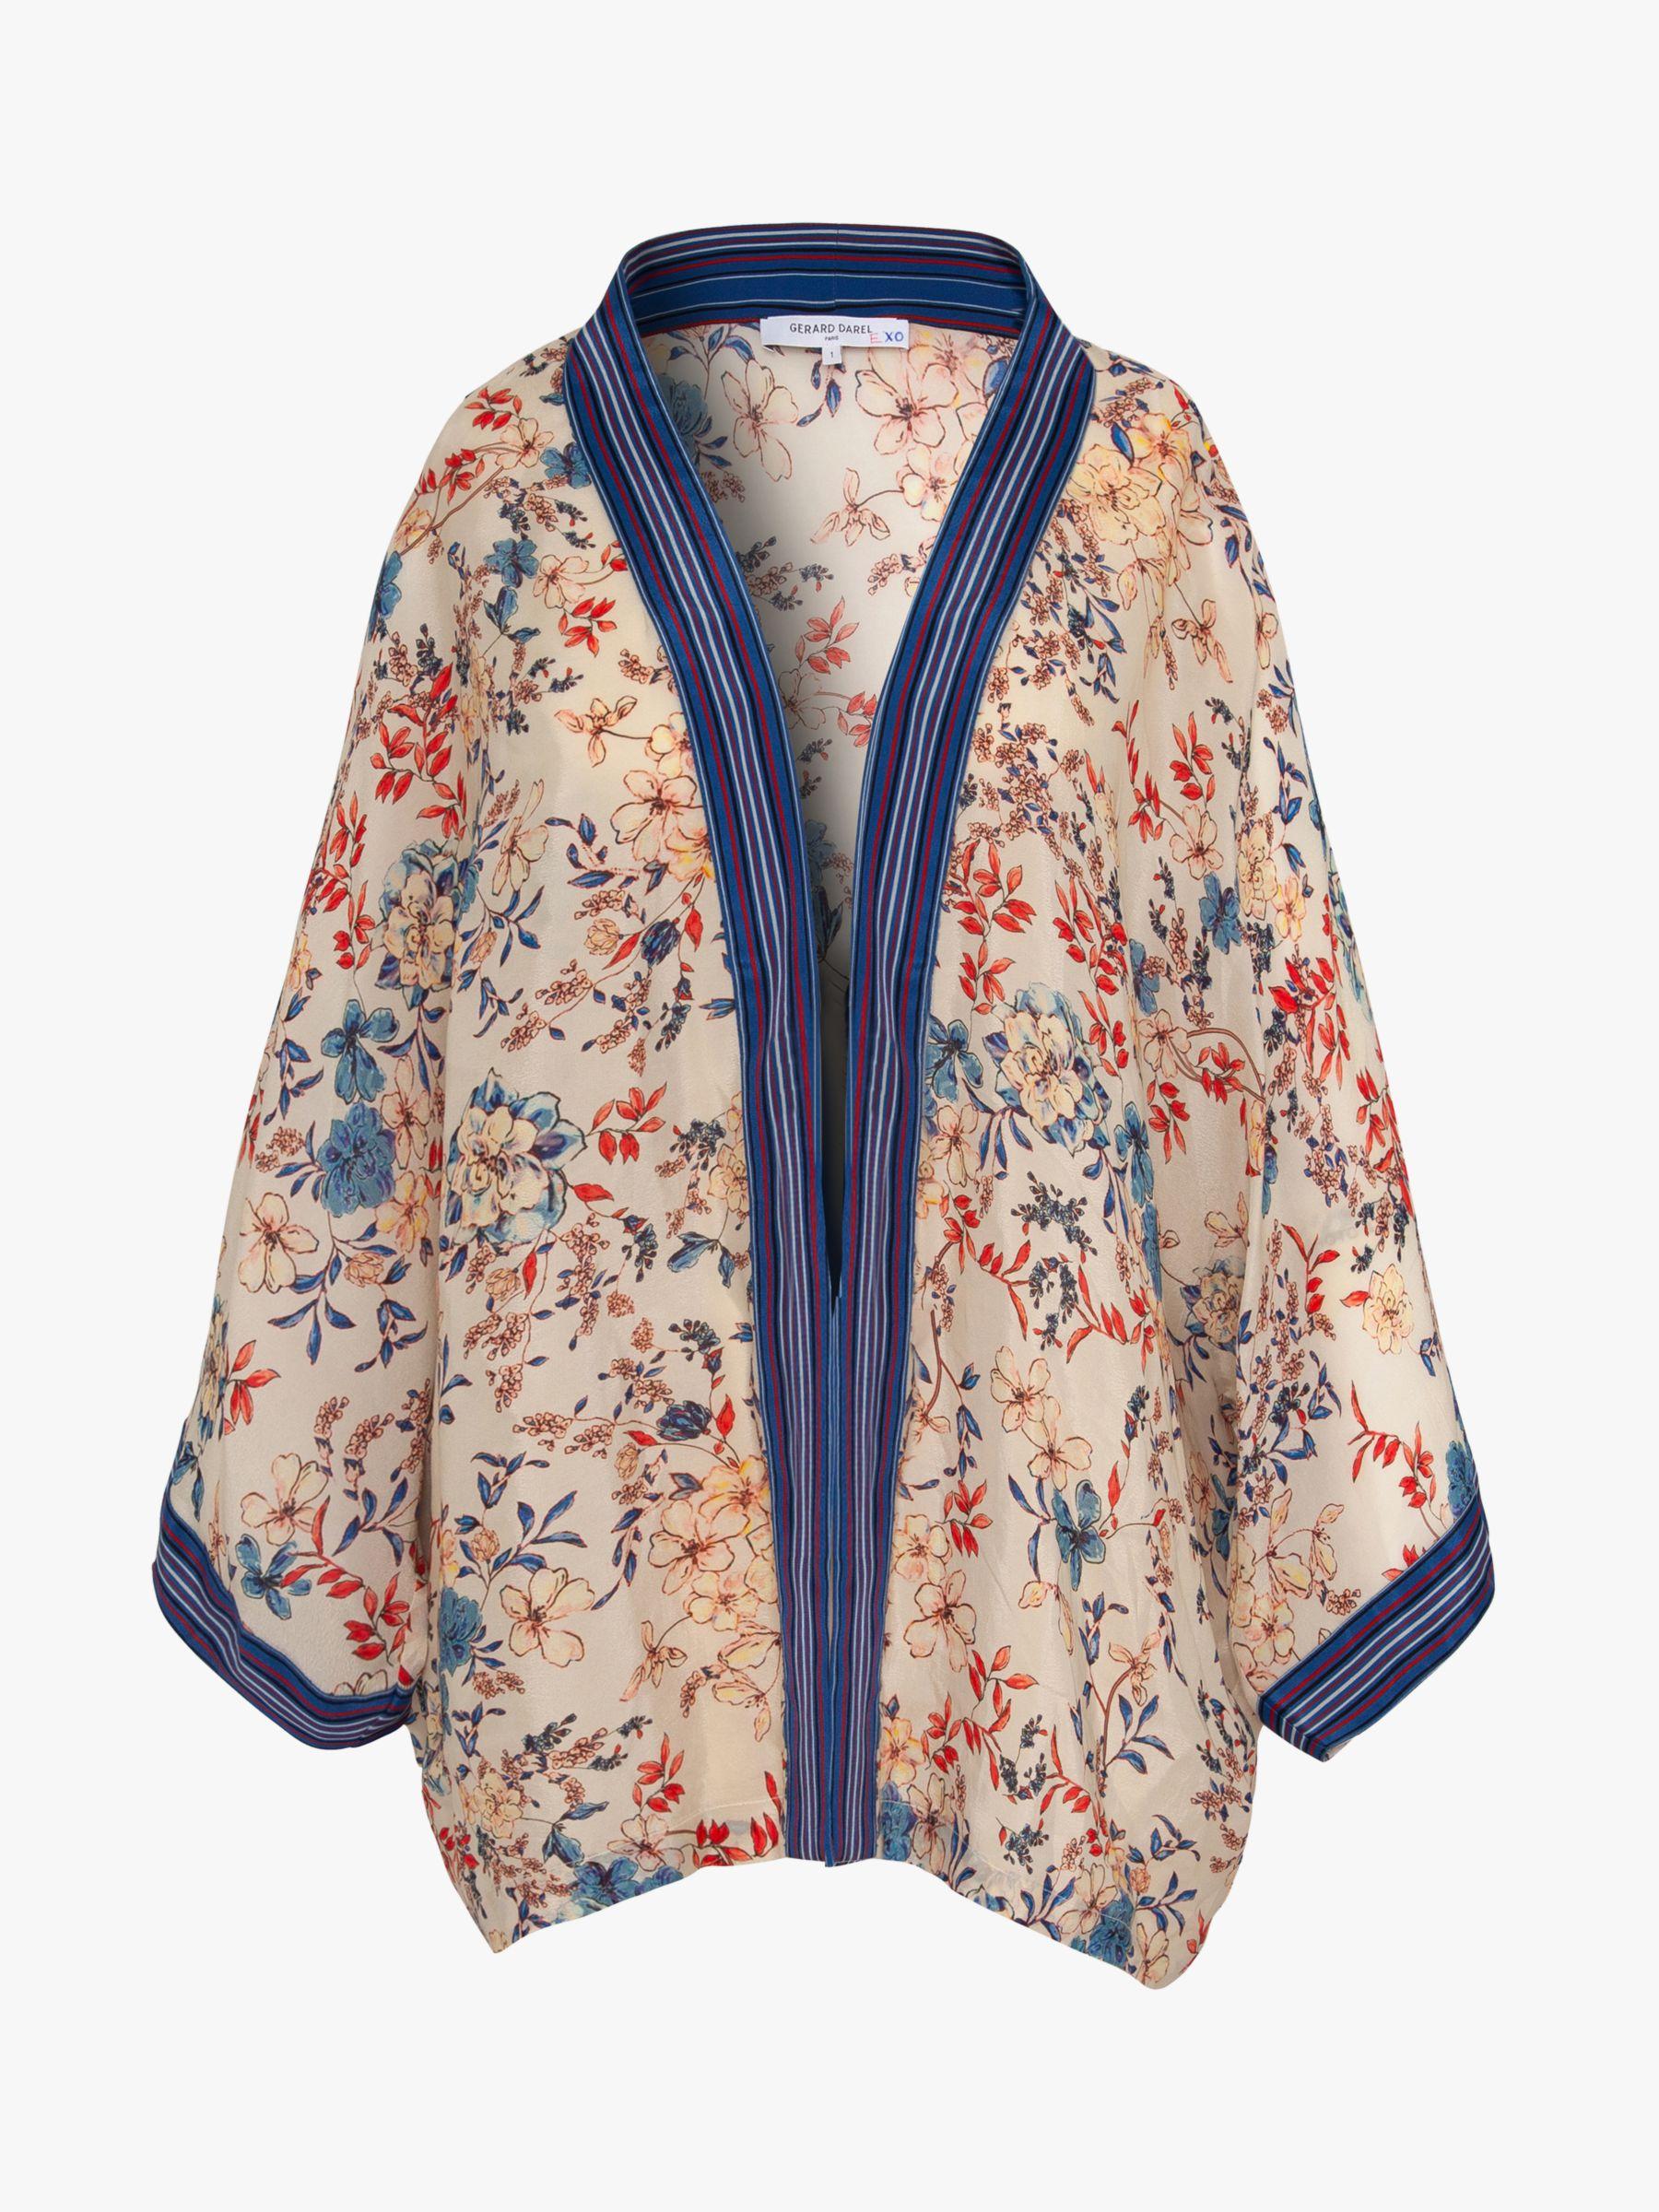 Gerard Darel Gerard Darel Adeline Kimono Jacket, Multi